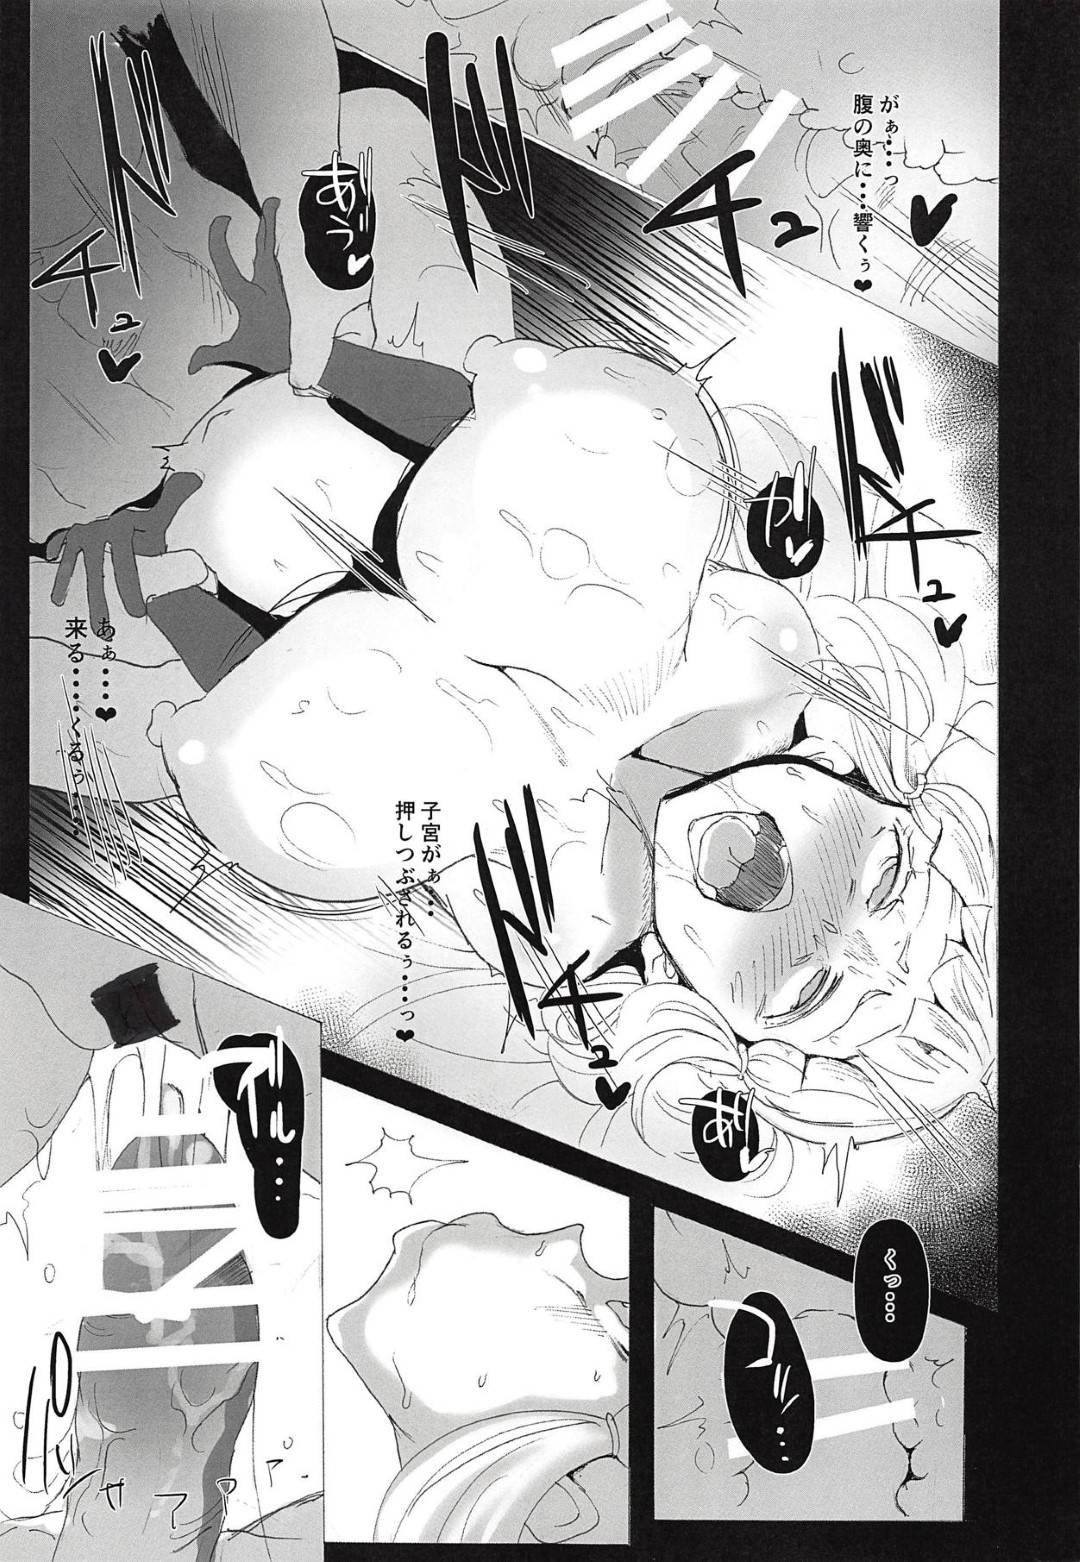 【エロ同人誌】目を覚ますと全裸にされ男達に身体を触られていたアマゾネスCEO…男達が受けた屈辱と同じ体験をさせるためひたすら犯される!毎日孕まされ妊娠するも休ませずに性奴隷として扱われる!【StrangeSagittarius (后):アマゾネスクイーンは容易に屈しない 2/FateGrand Order】